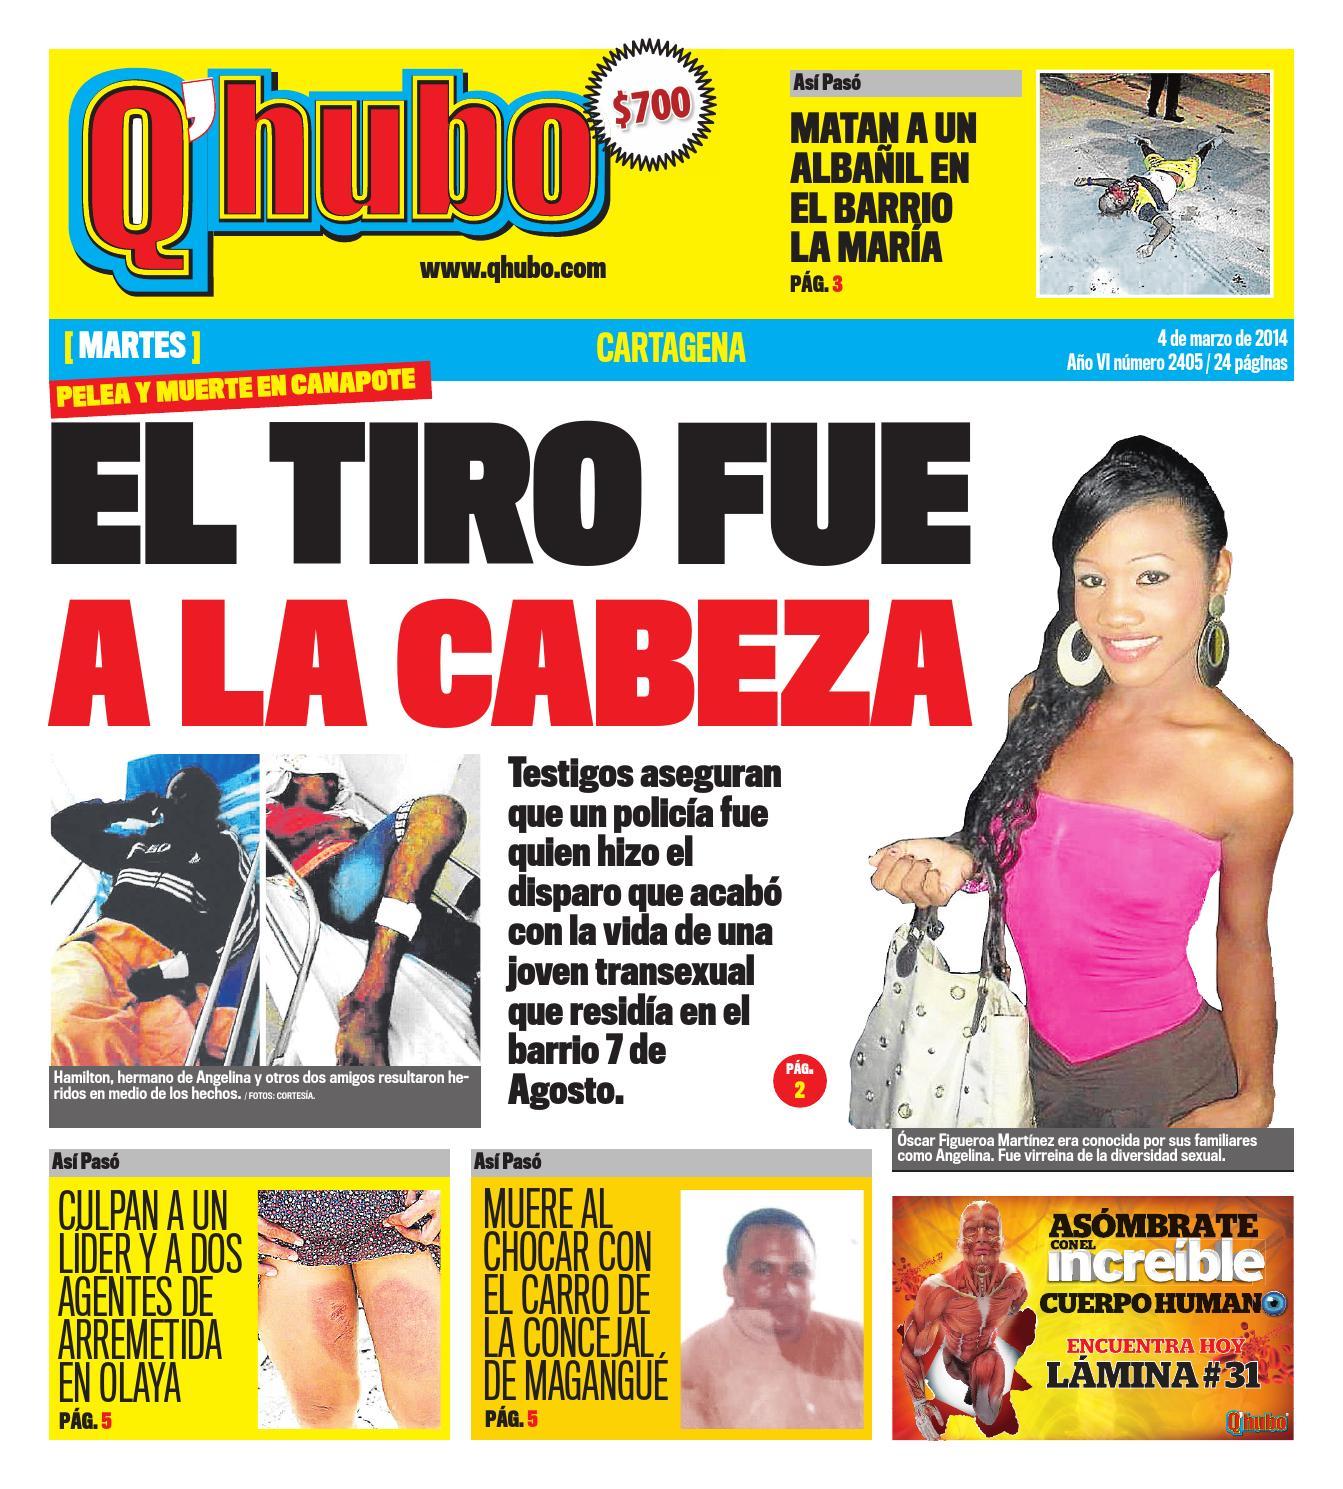 Candela X Y Estudiante Porno q'hubo cartagena 4 de marzo de 2014editora del mar - issuu